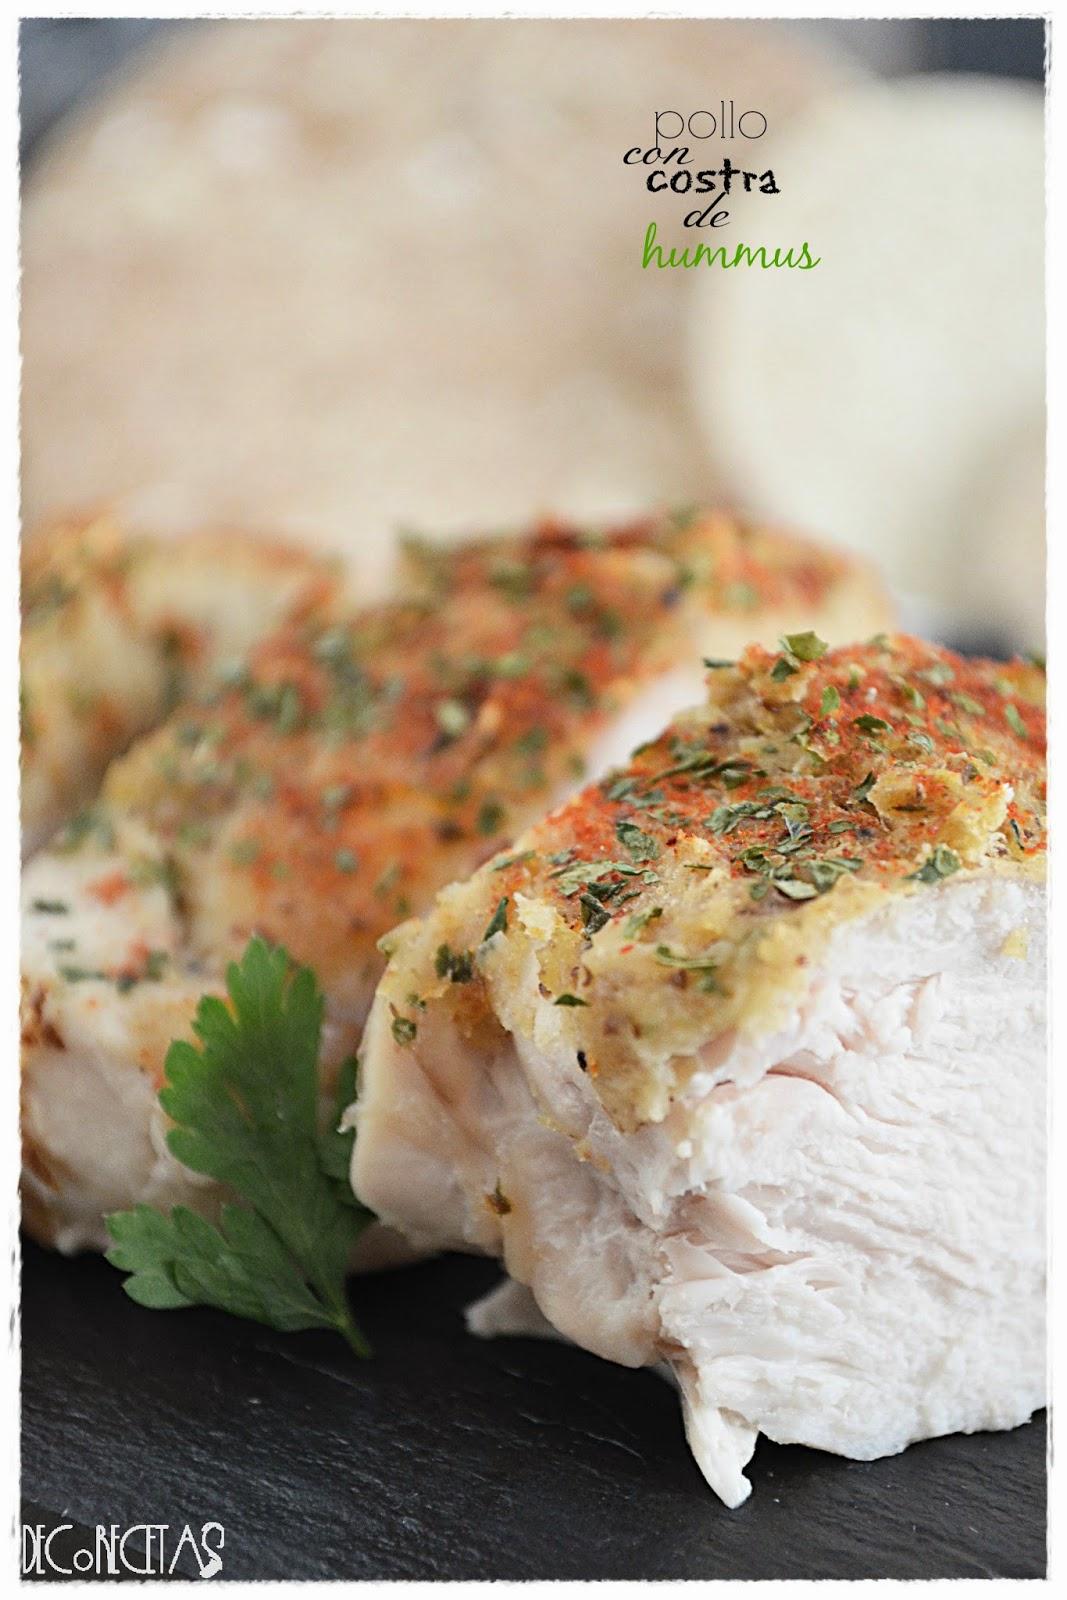 Pollo con costra de hummus